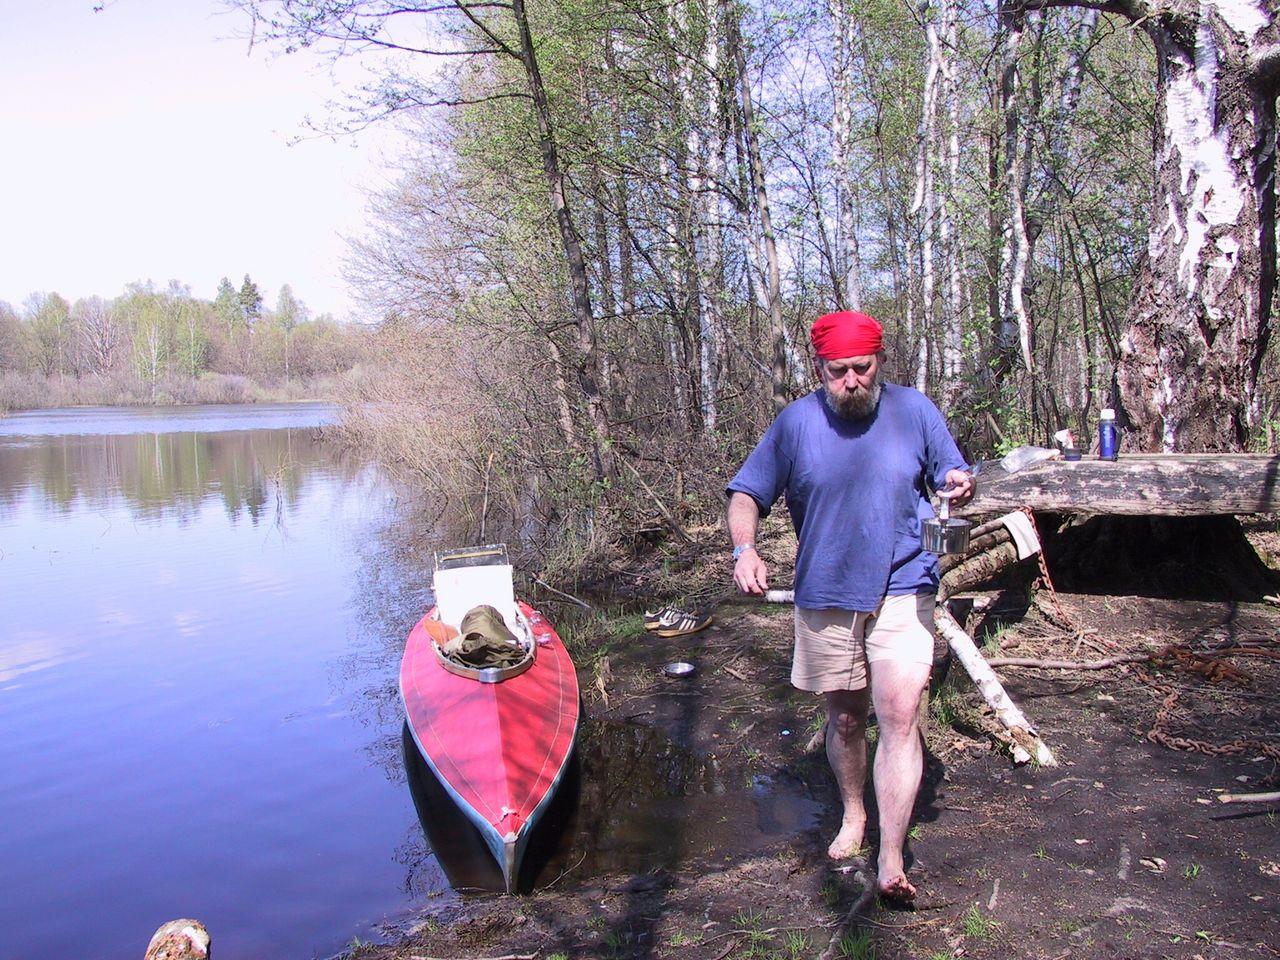 владимир рыбак рязань